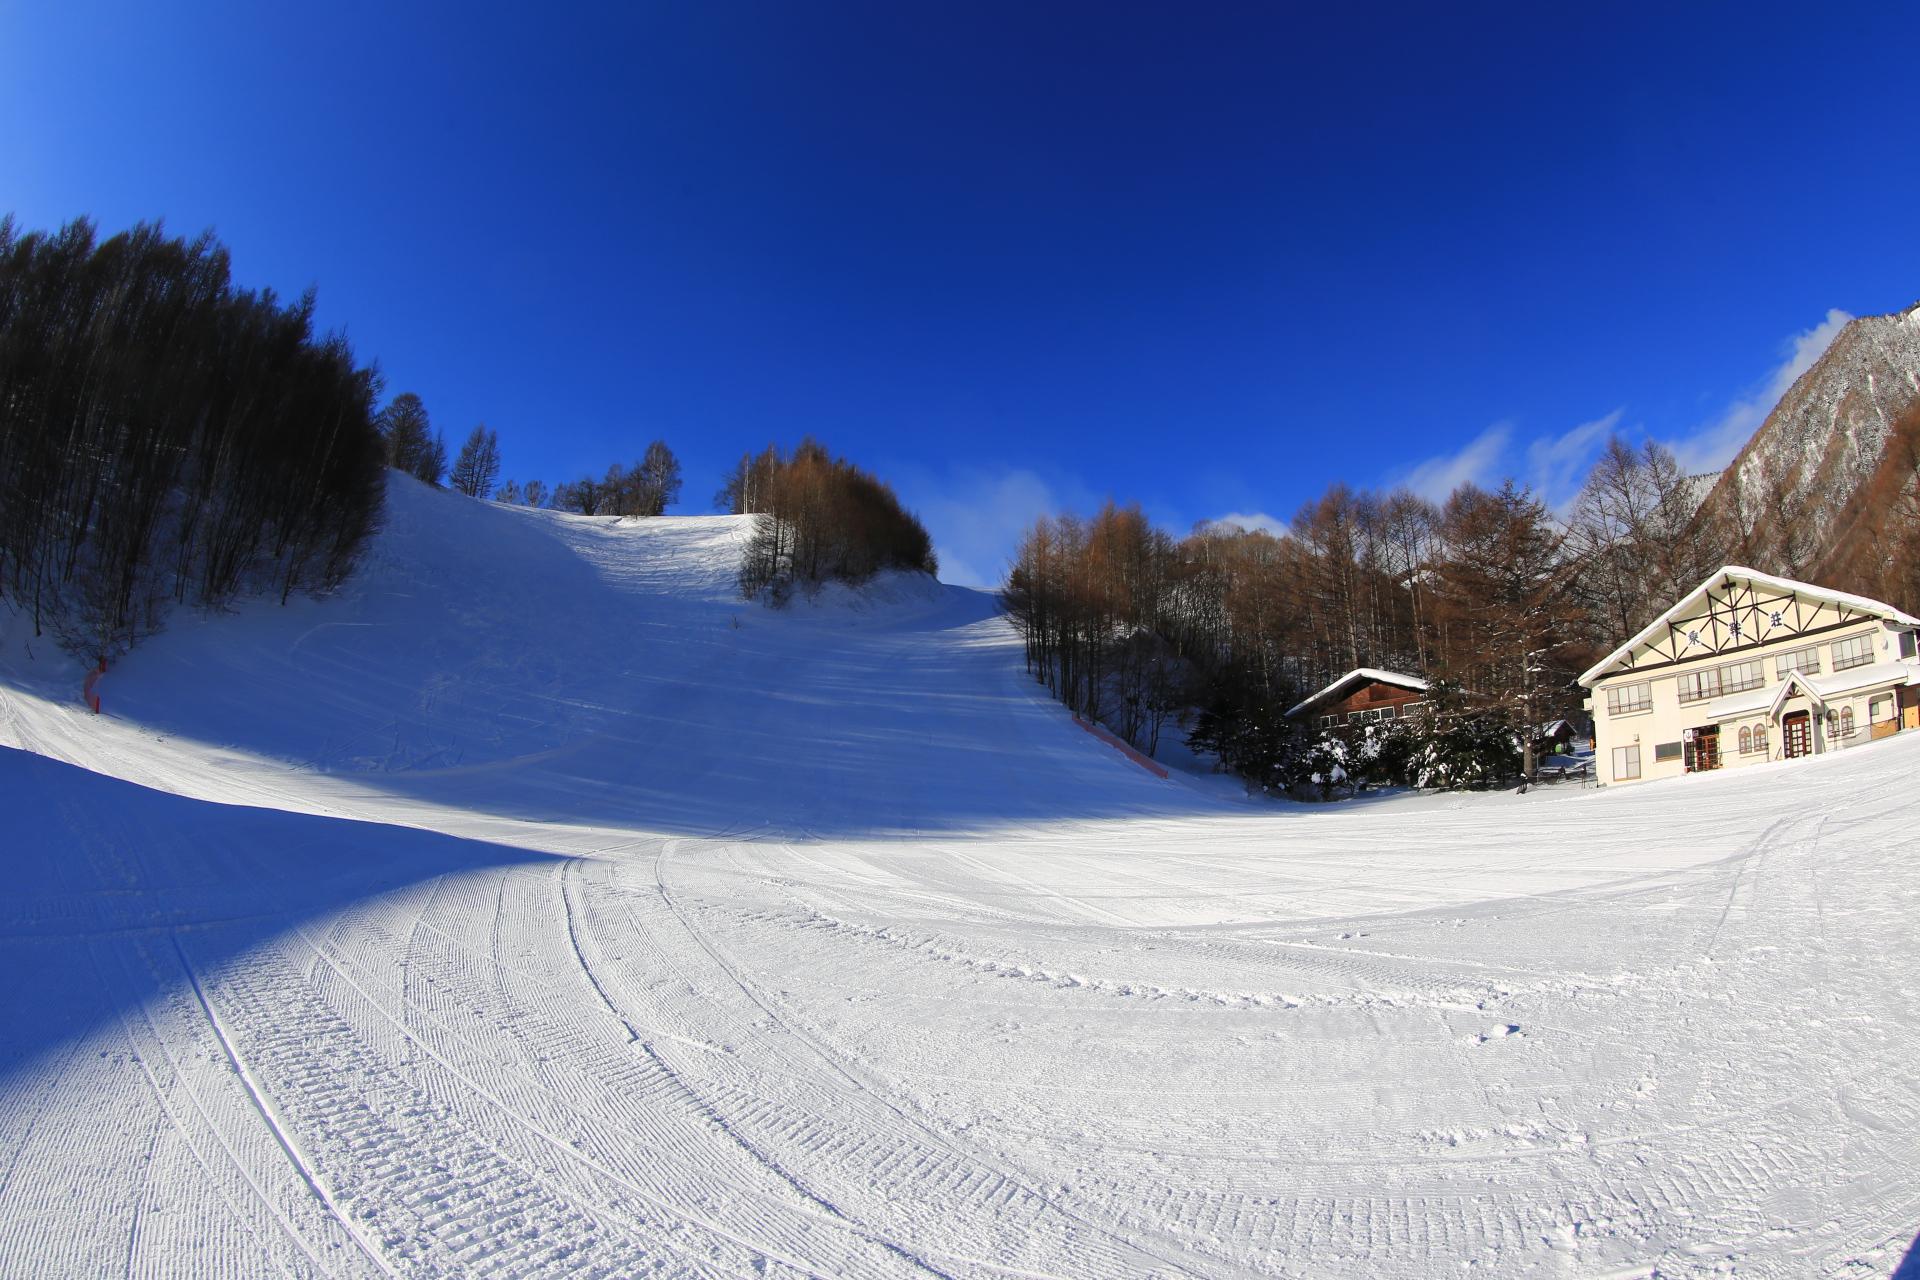 Mt. Norikura Snow Resort